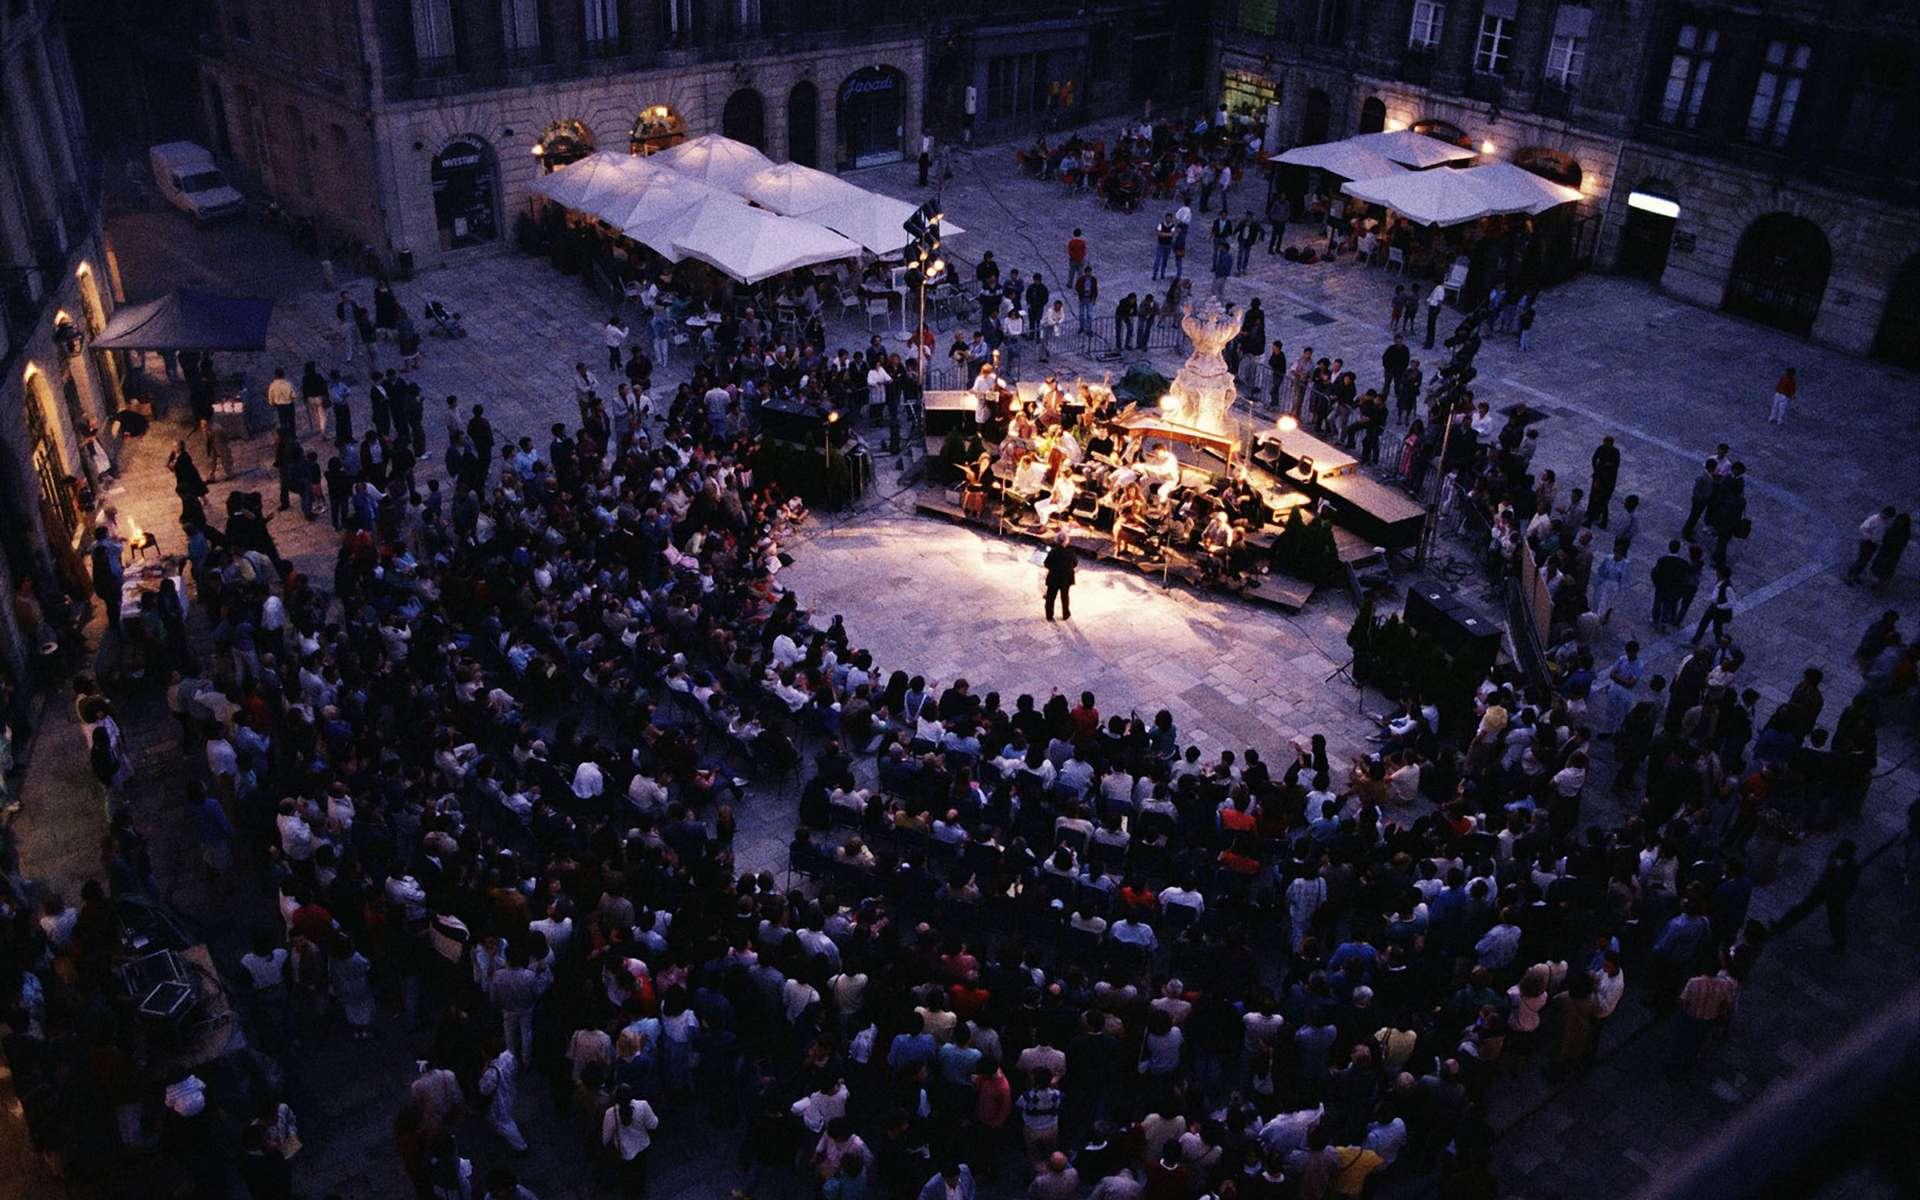 Les bourdonnements d'oreille persistent plus de 12 heures après un concert ? Consultez un médecin. © Phovoir